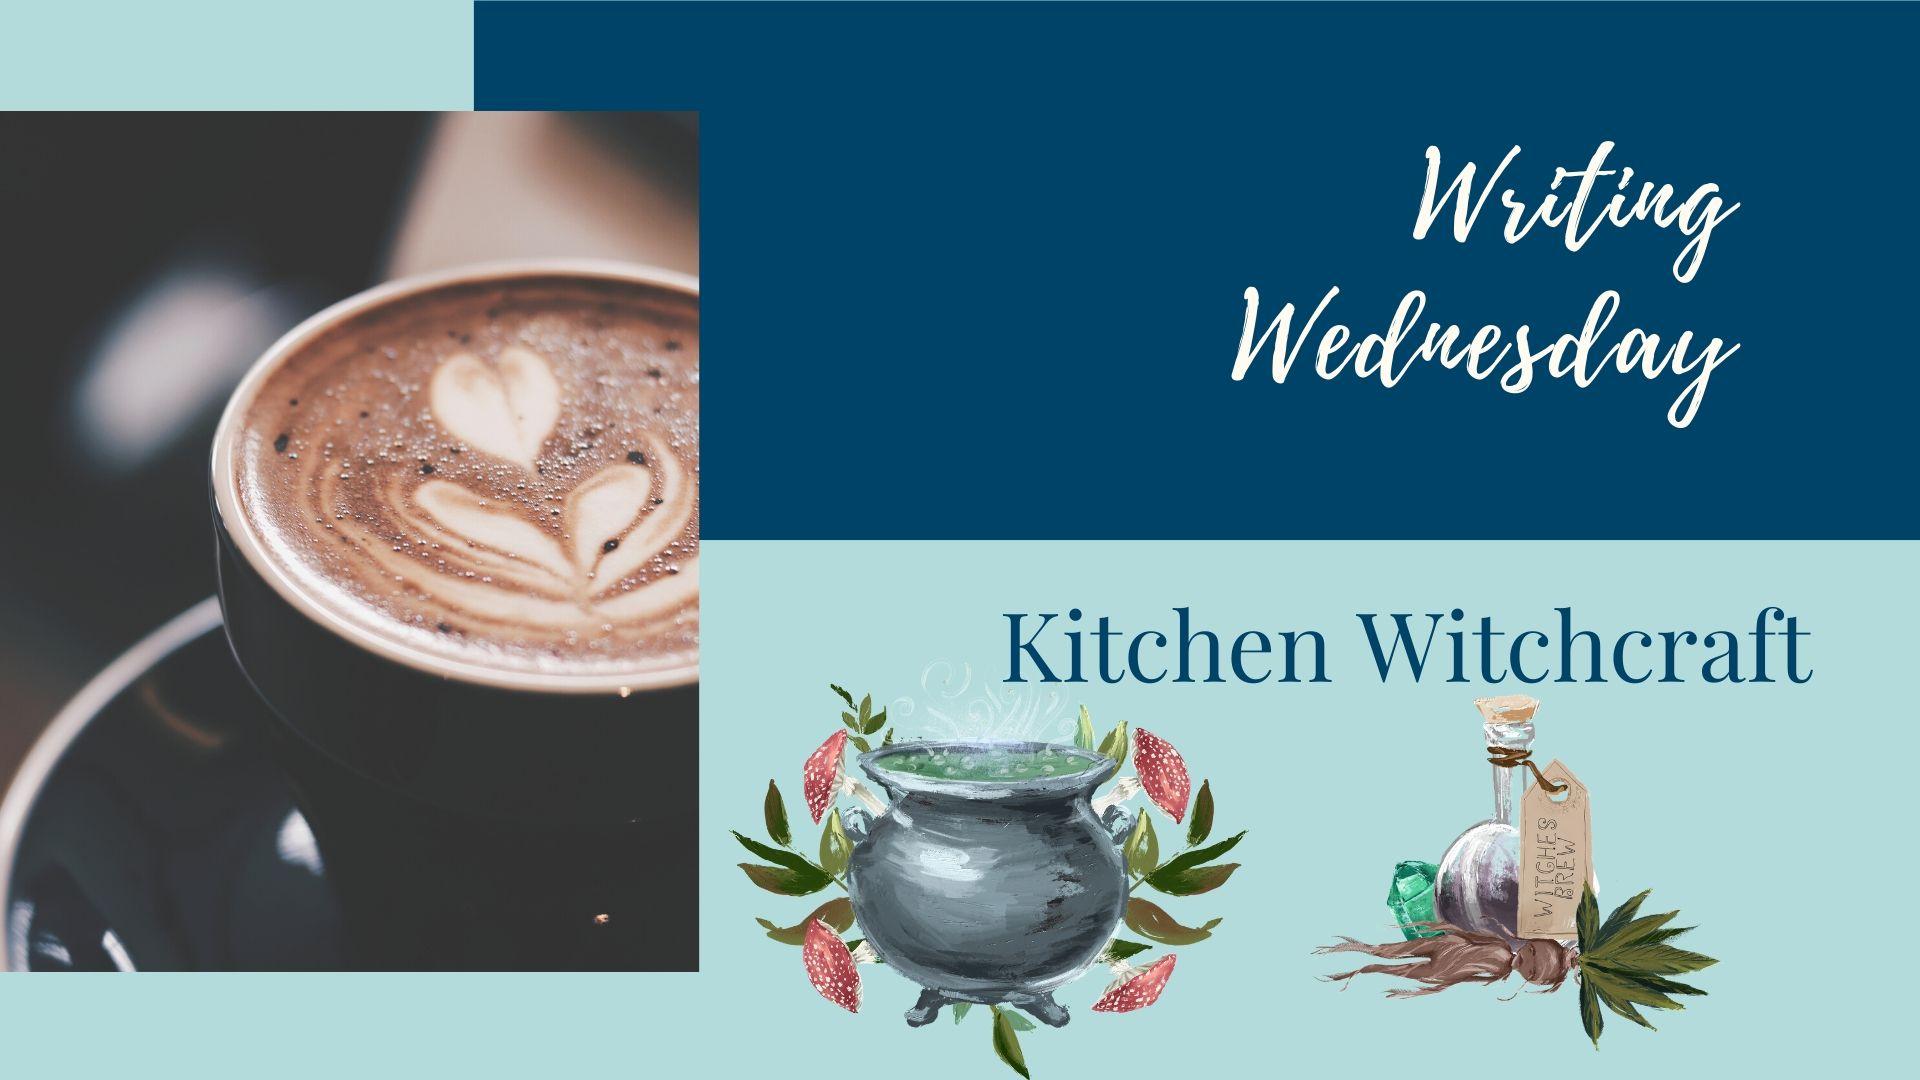 Writing Wednesday: Kitchen Witchcraft